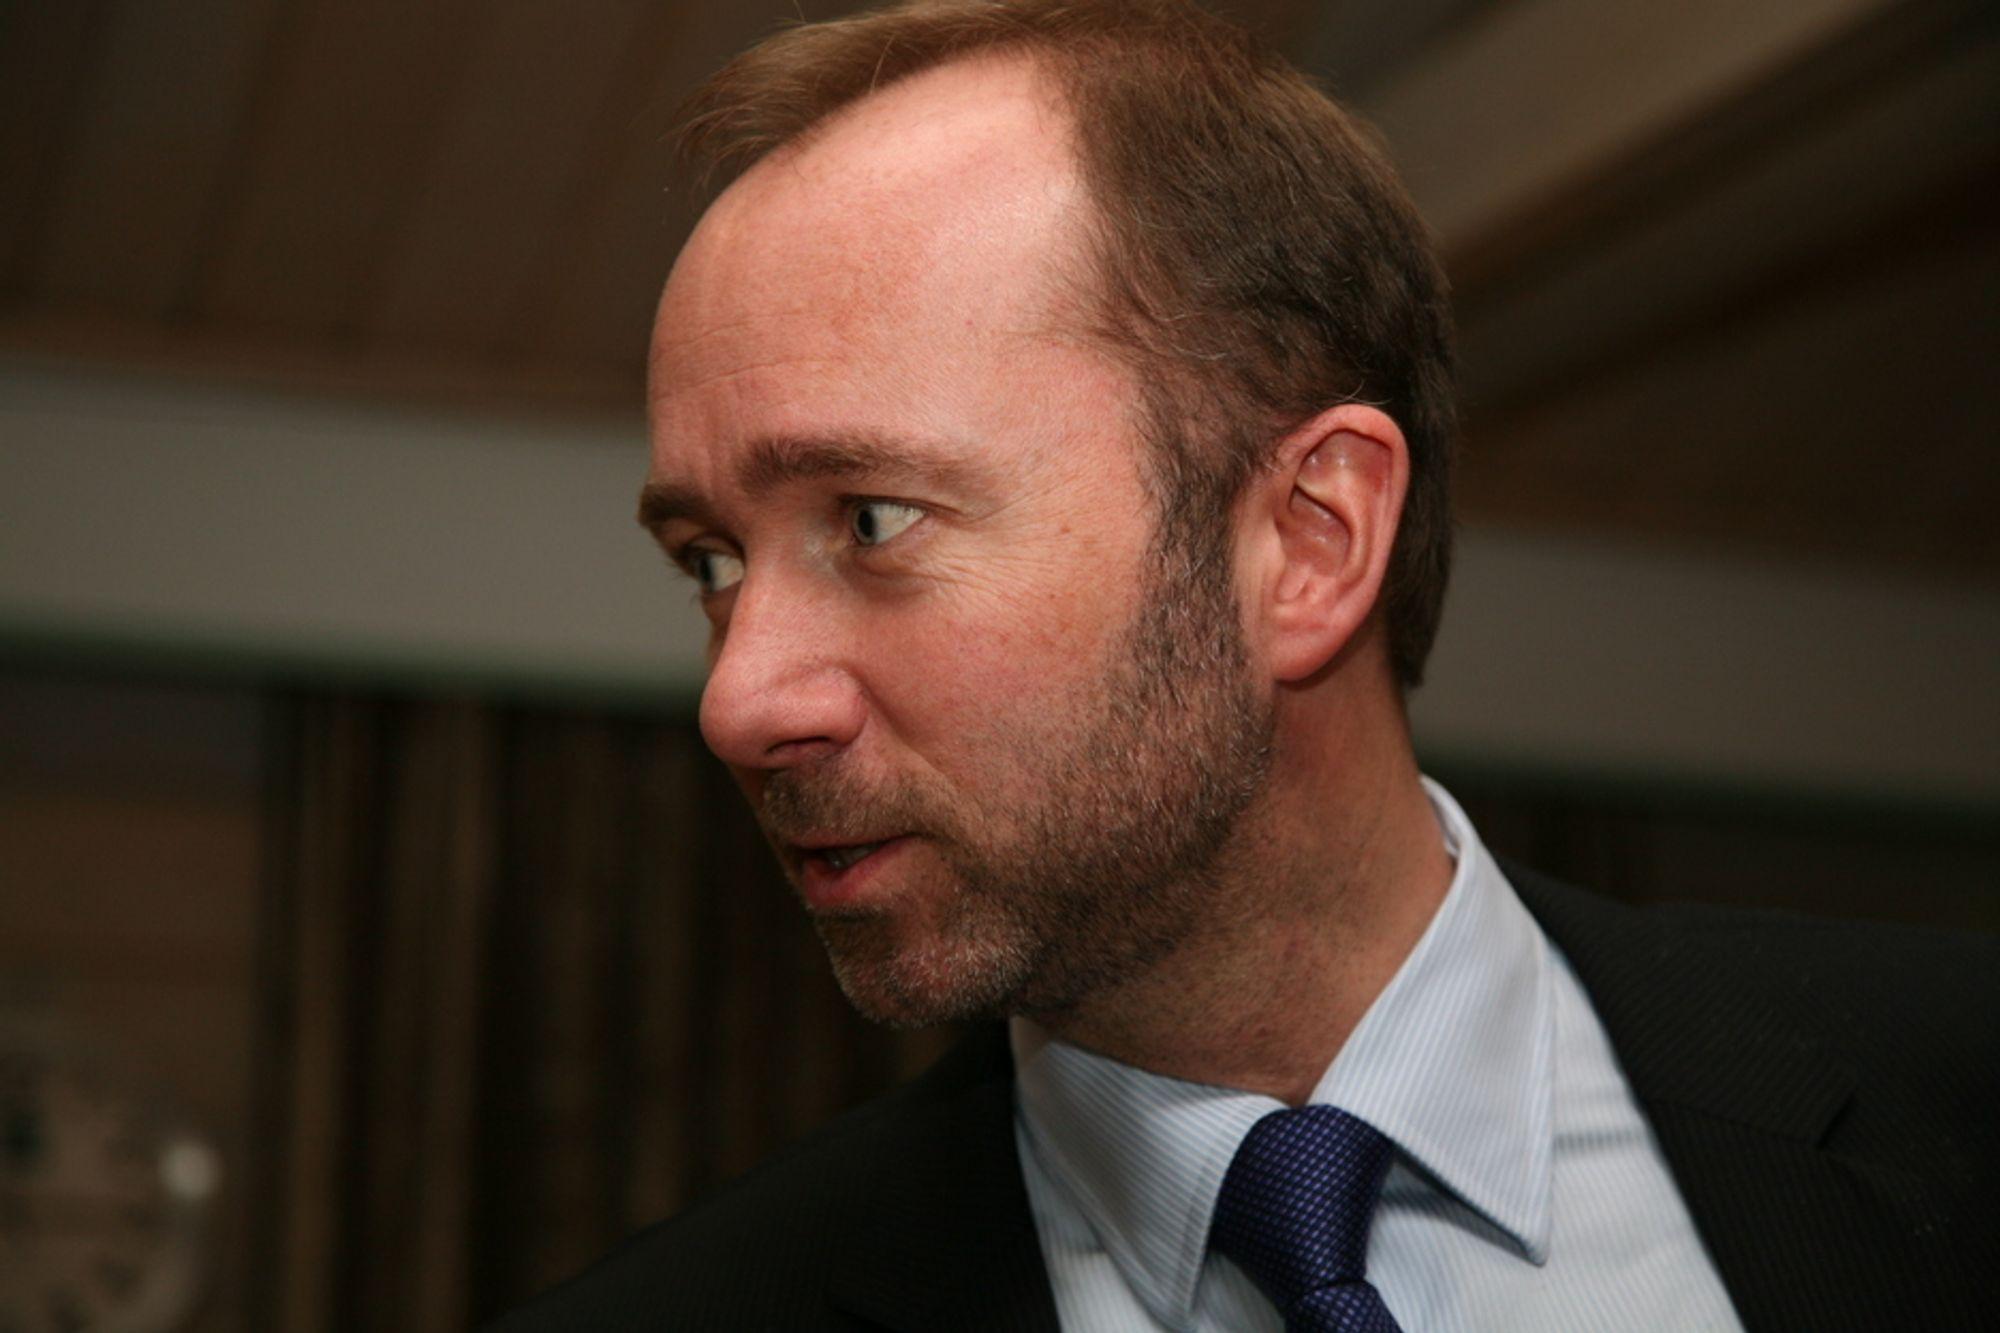 HAR ANSVAR: ¿ Det er Giskes ansvar å passe på at hvert enkelt styre holder seg til retningslinjene fra Stortinget, sier saksordfører Per-Kristian Foss.